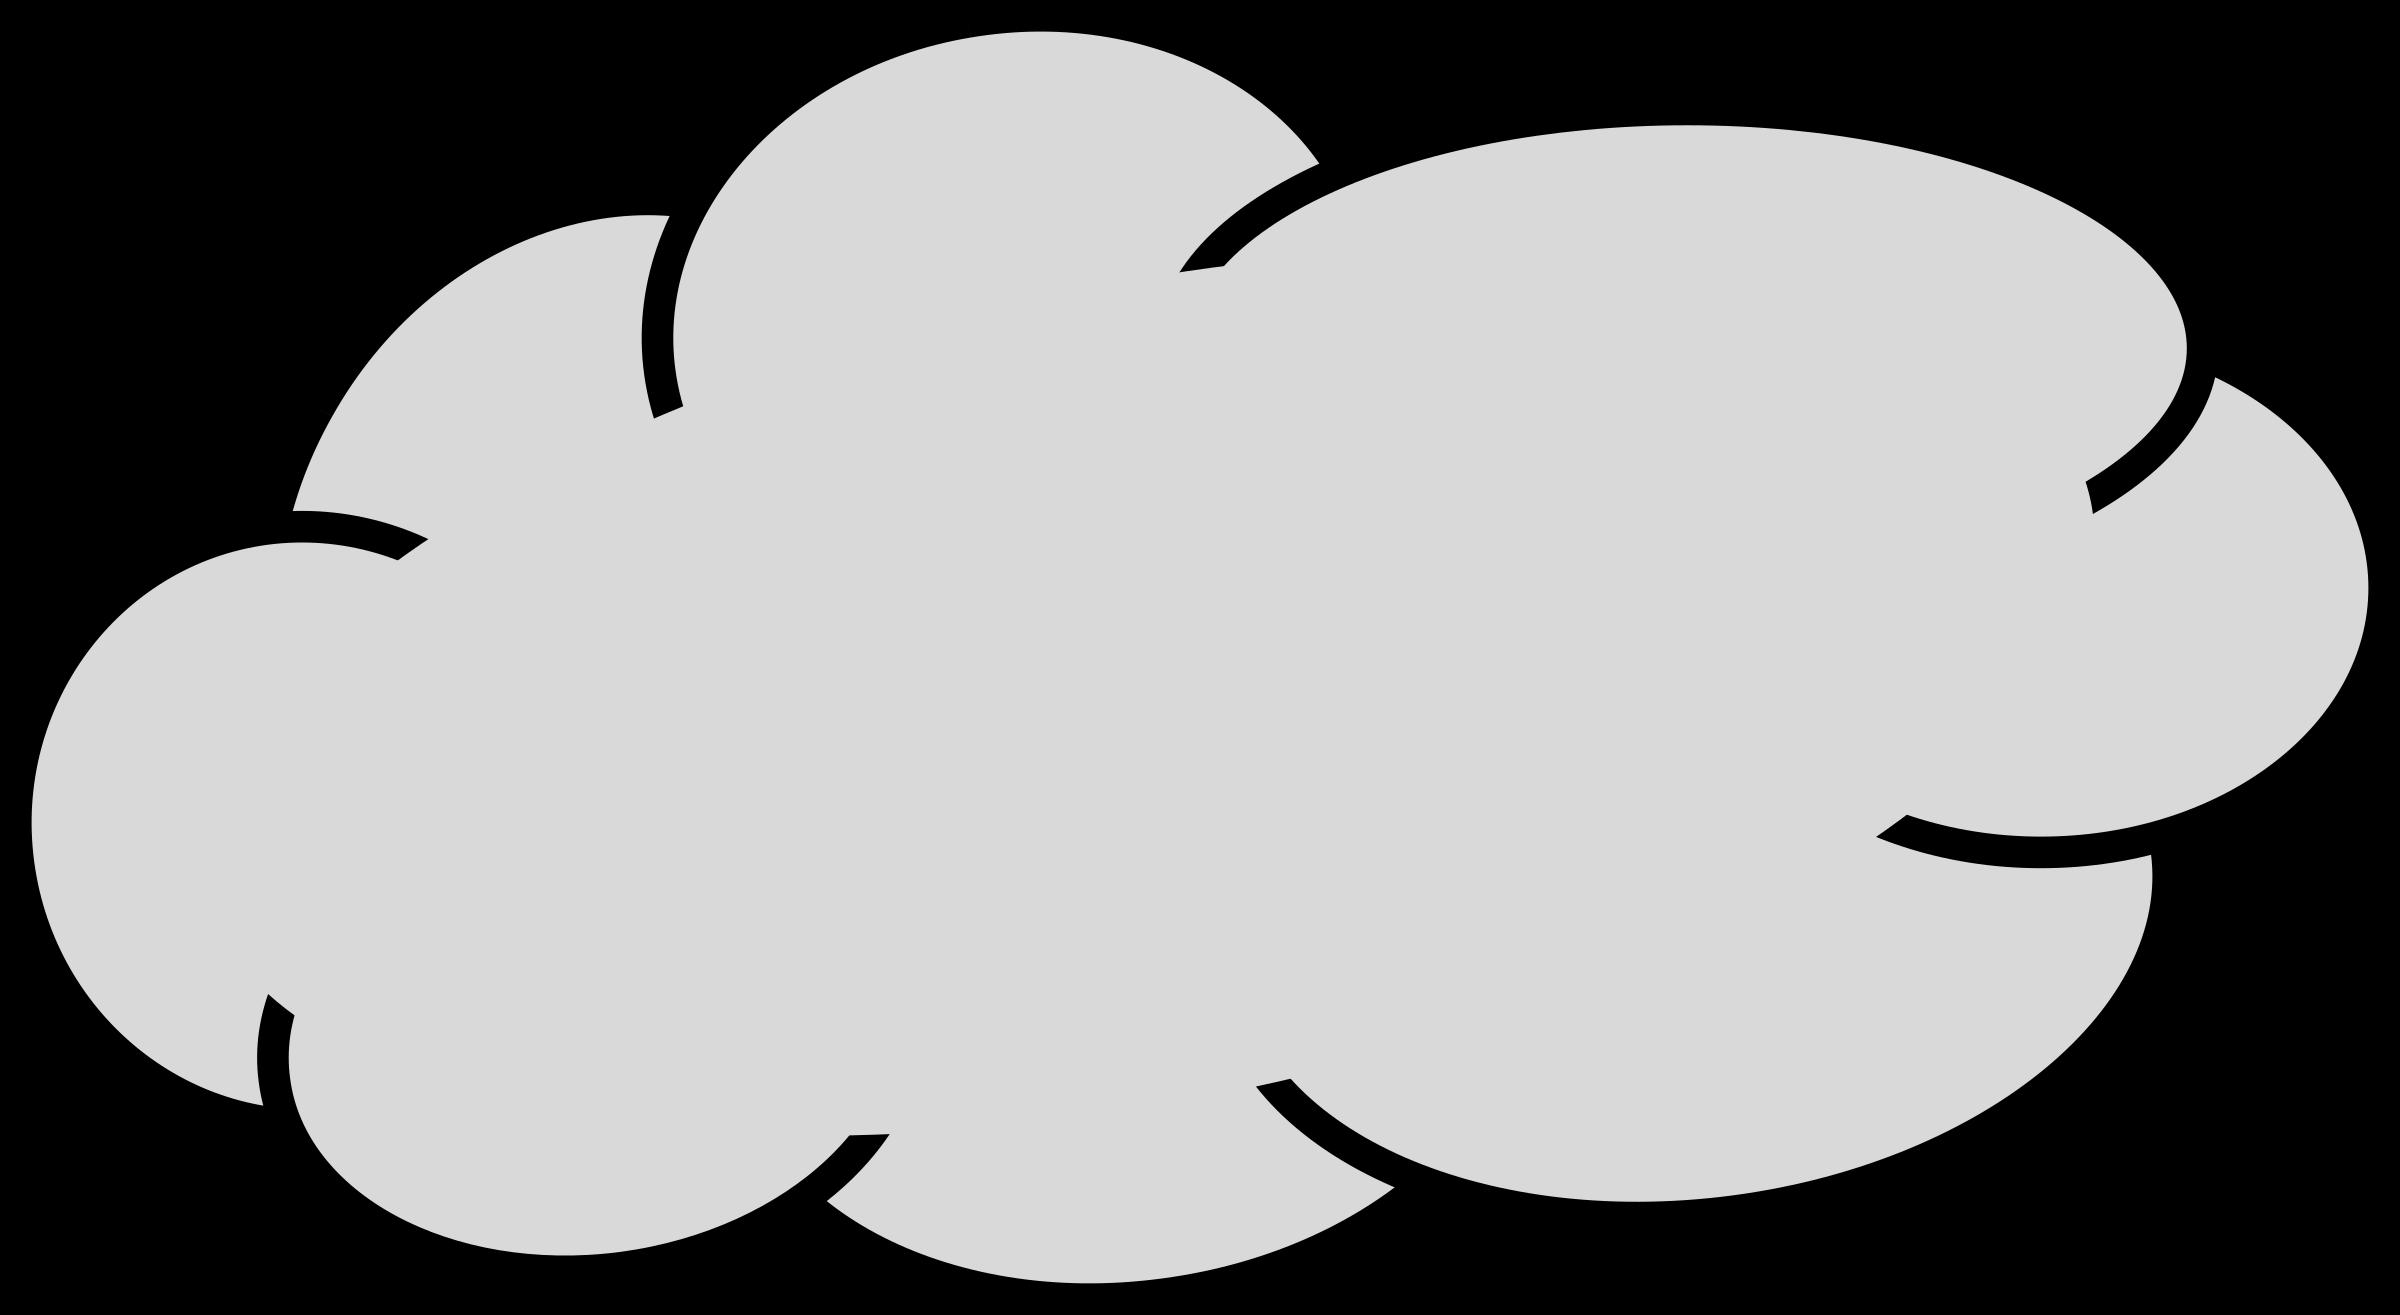 Cloud clip art grey clipart